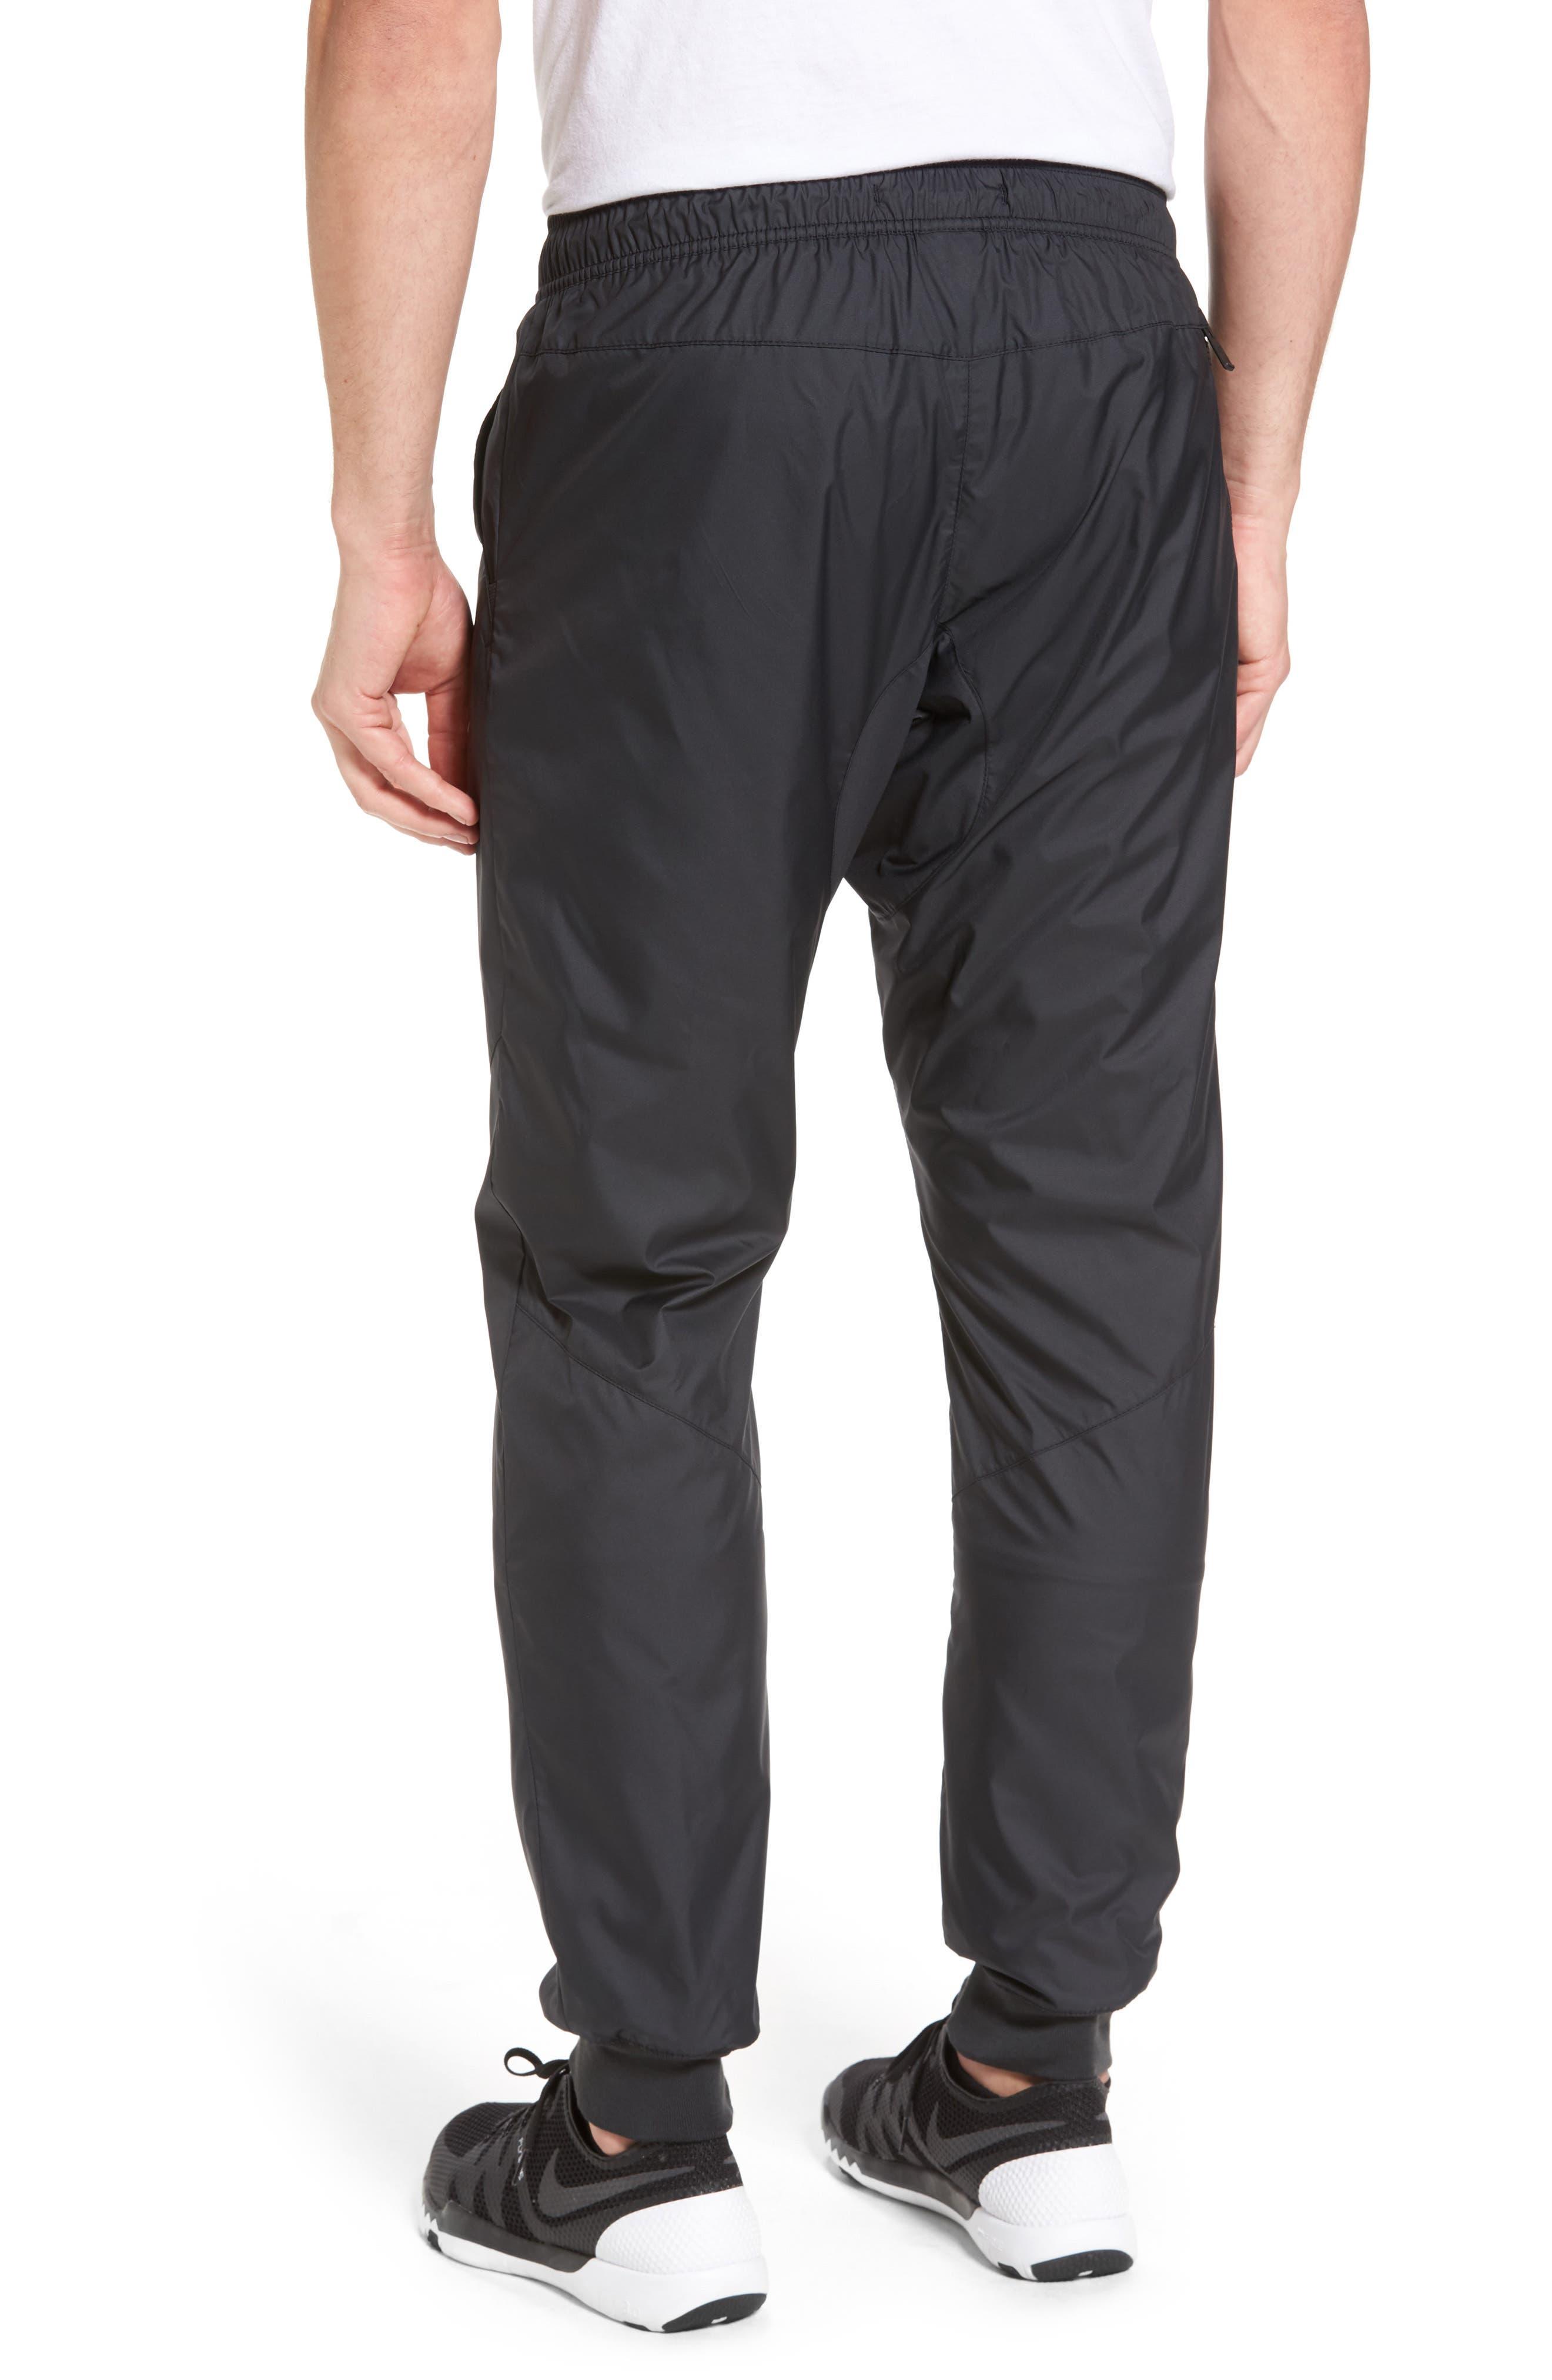 Windrunner Training Pants,                             Alternate thumbnail 2, color,                             Black/ Black/ Black/ White